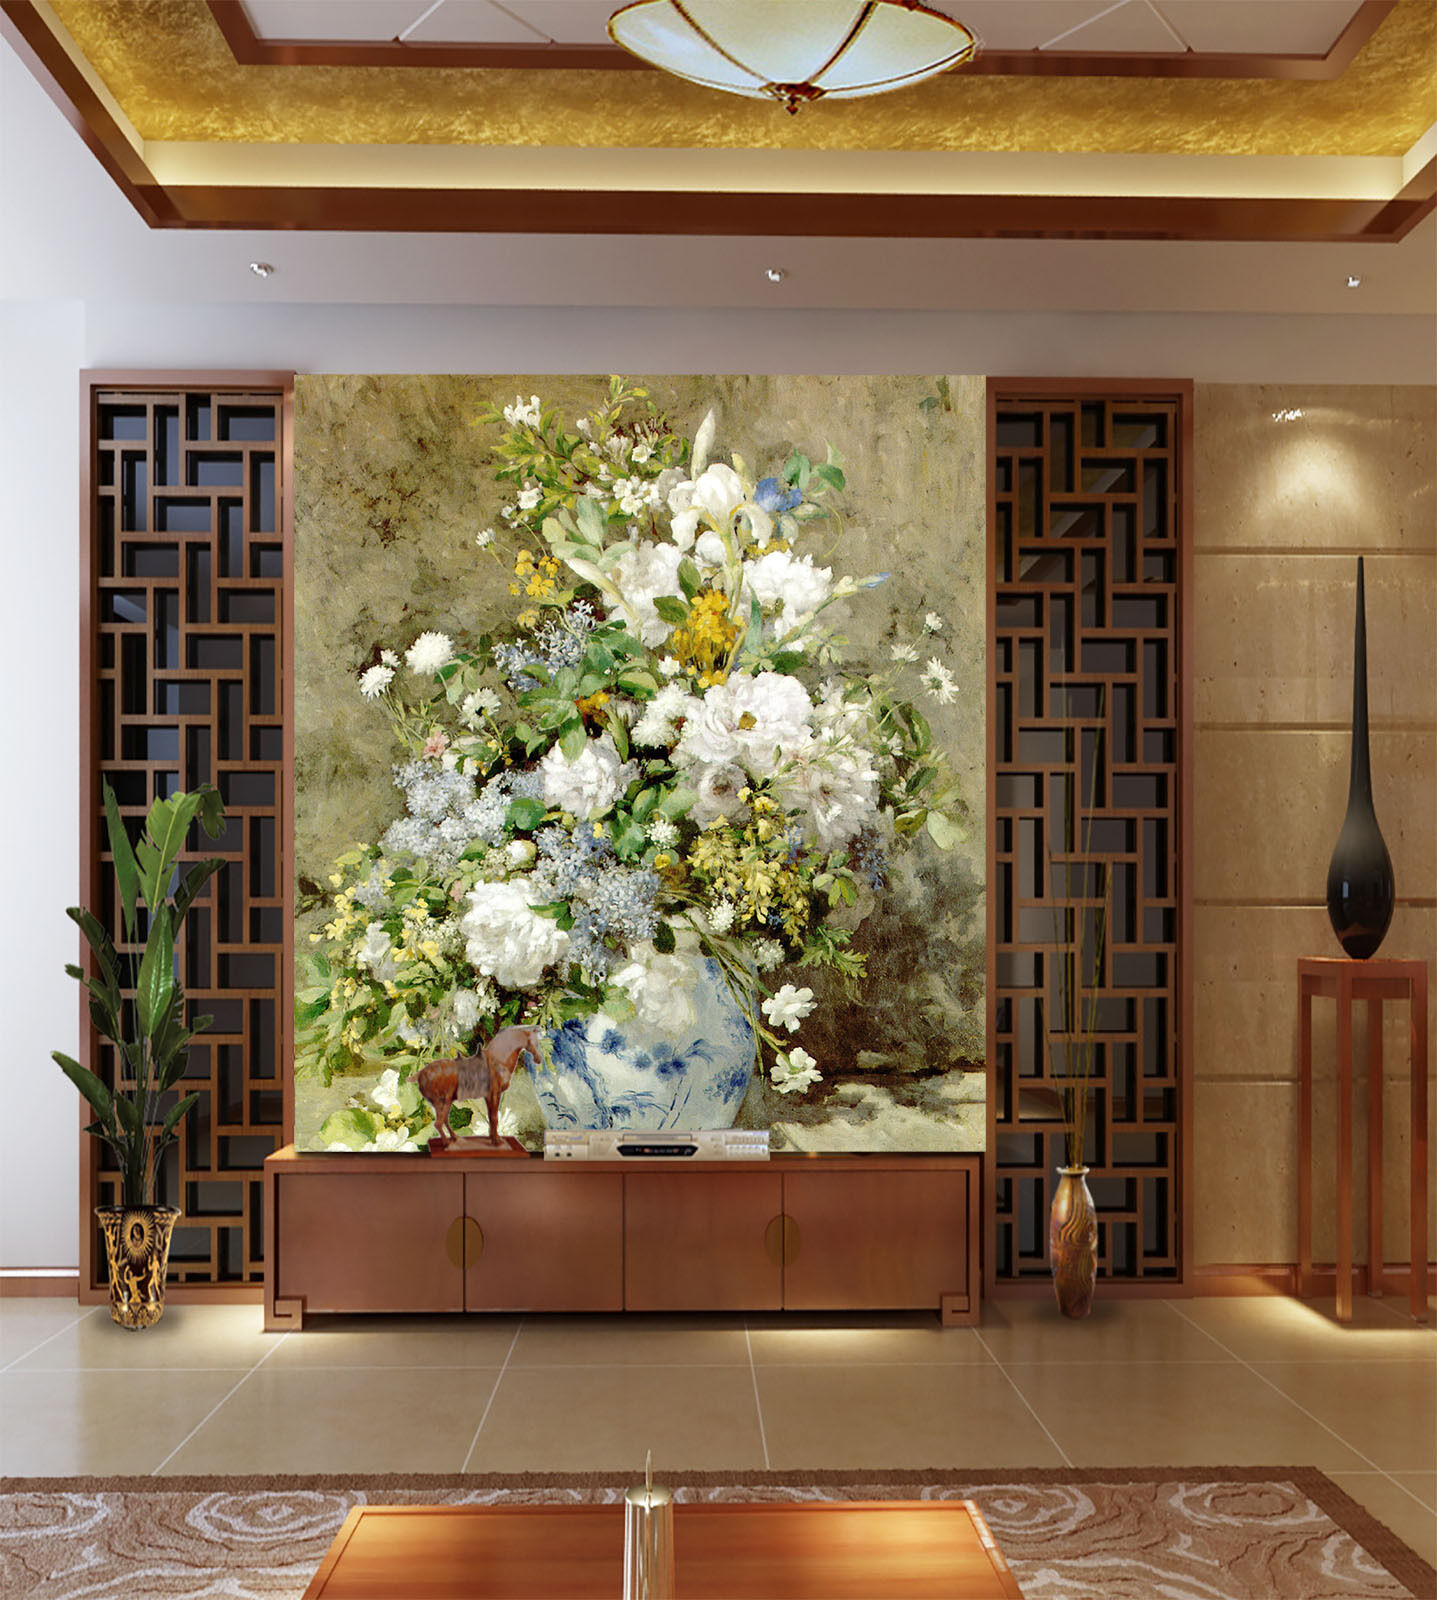 3D Florale kunst 0676721 Fototapeten Wandbild Fototapete BildTapete Familie DE